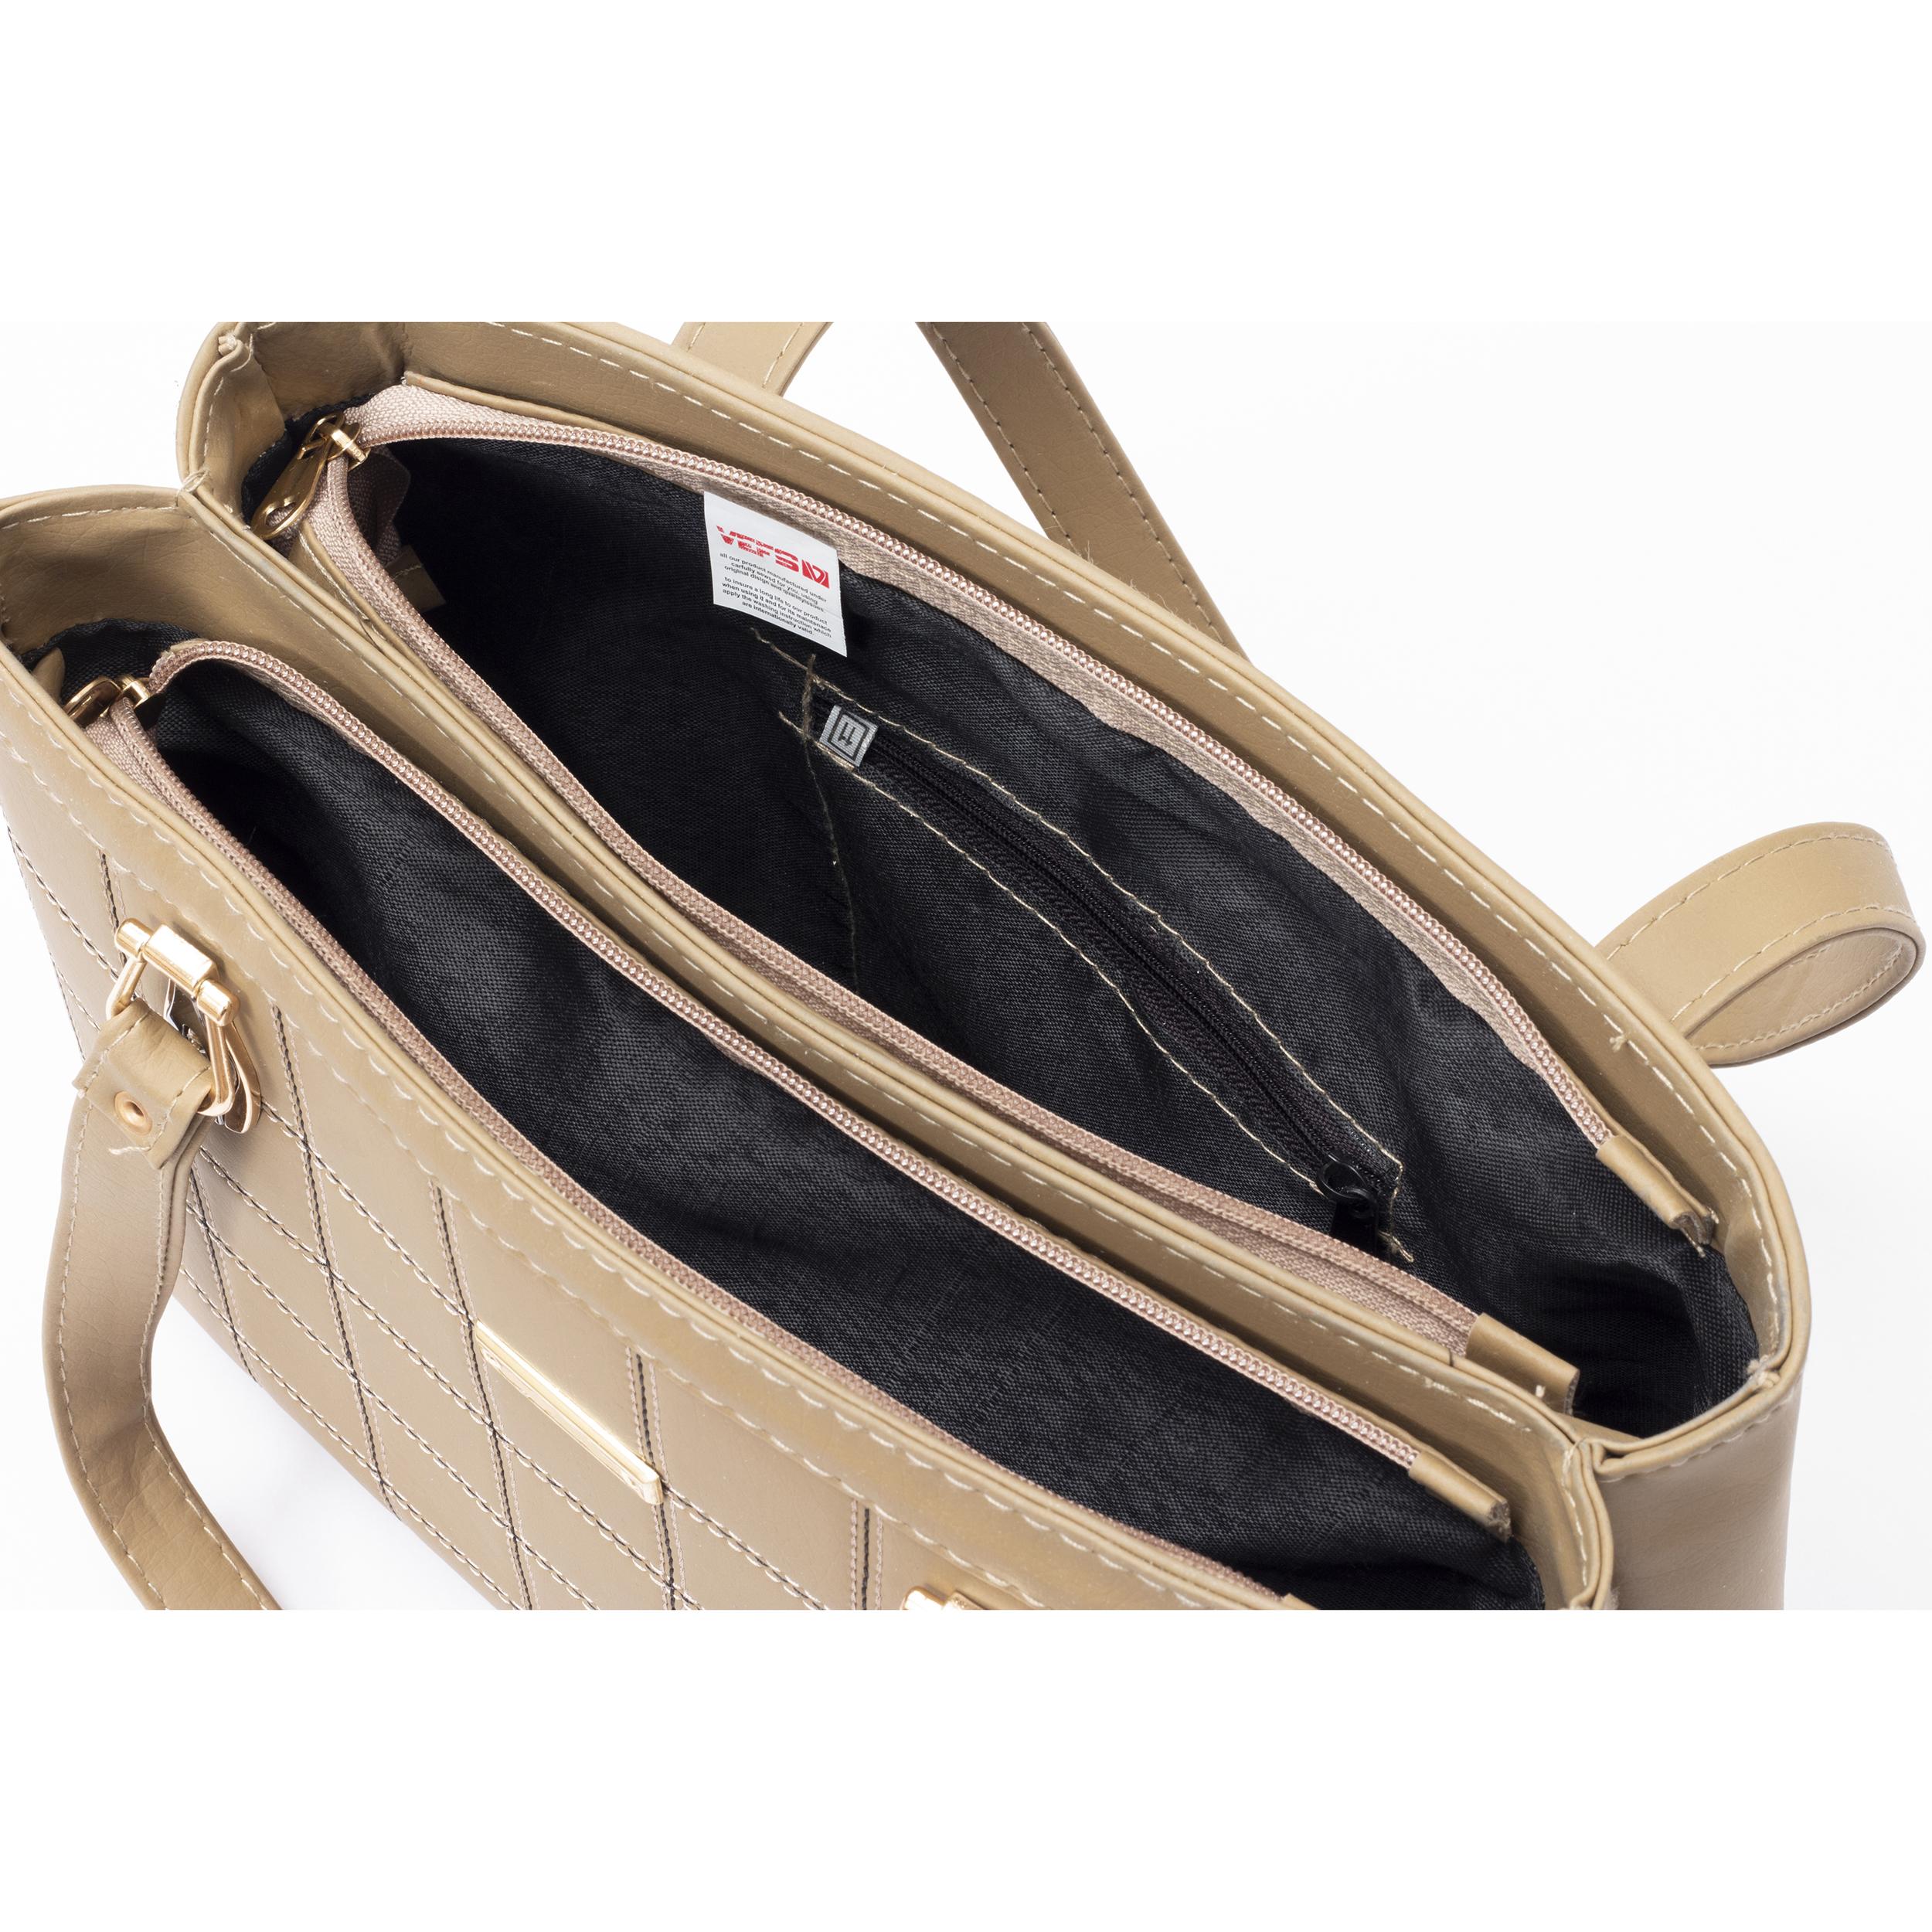 کیف دستی زنانه وفس مدل Wo-29